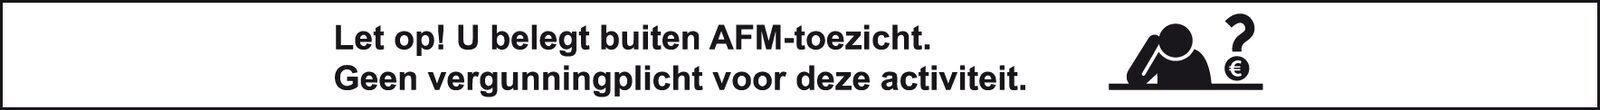 AFM-toezicht